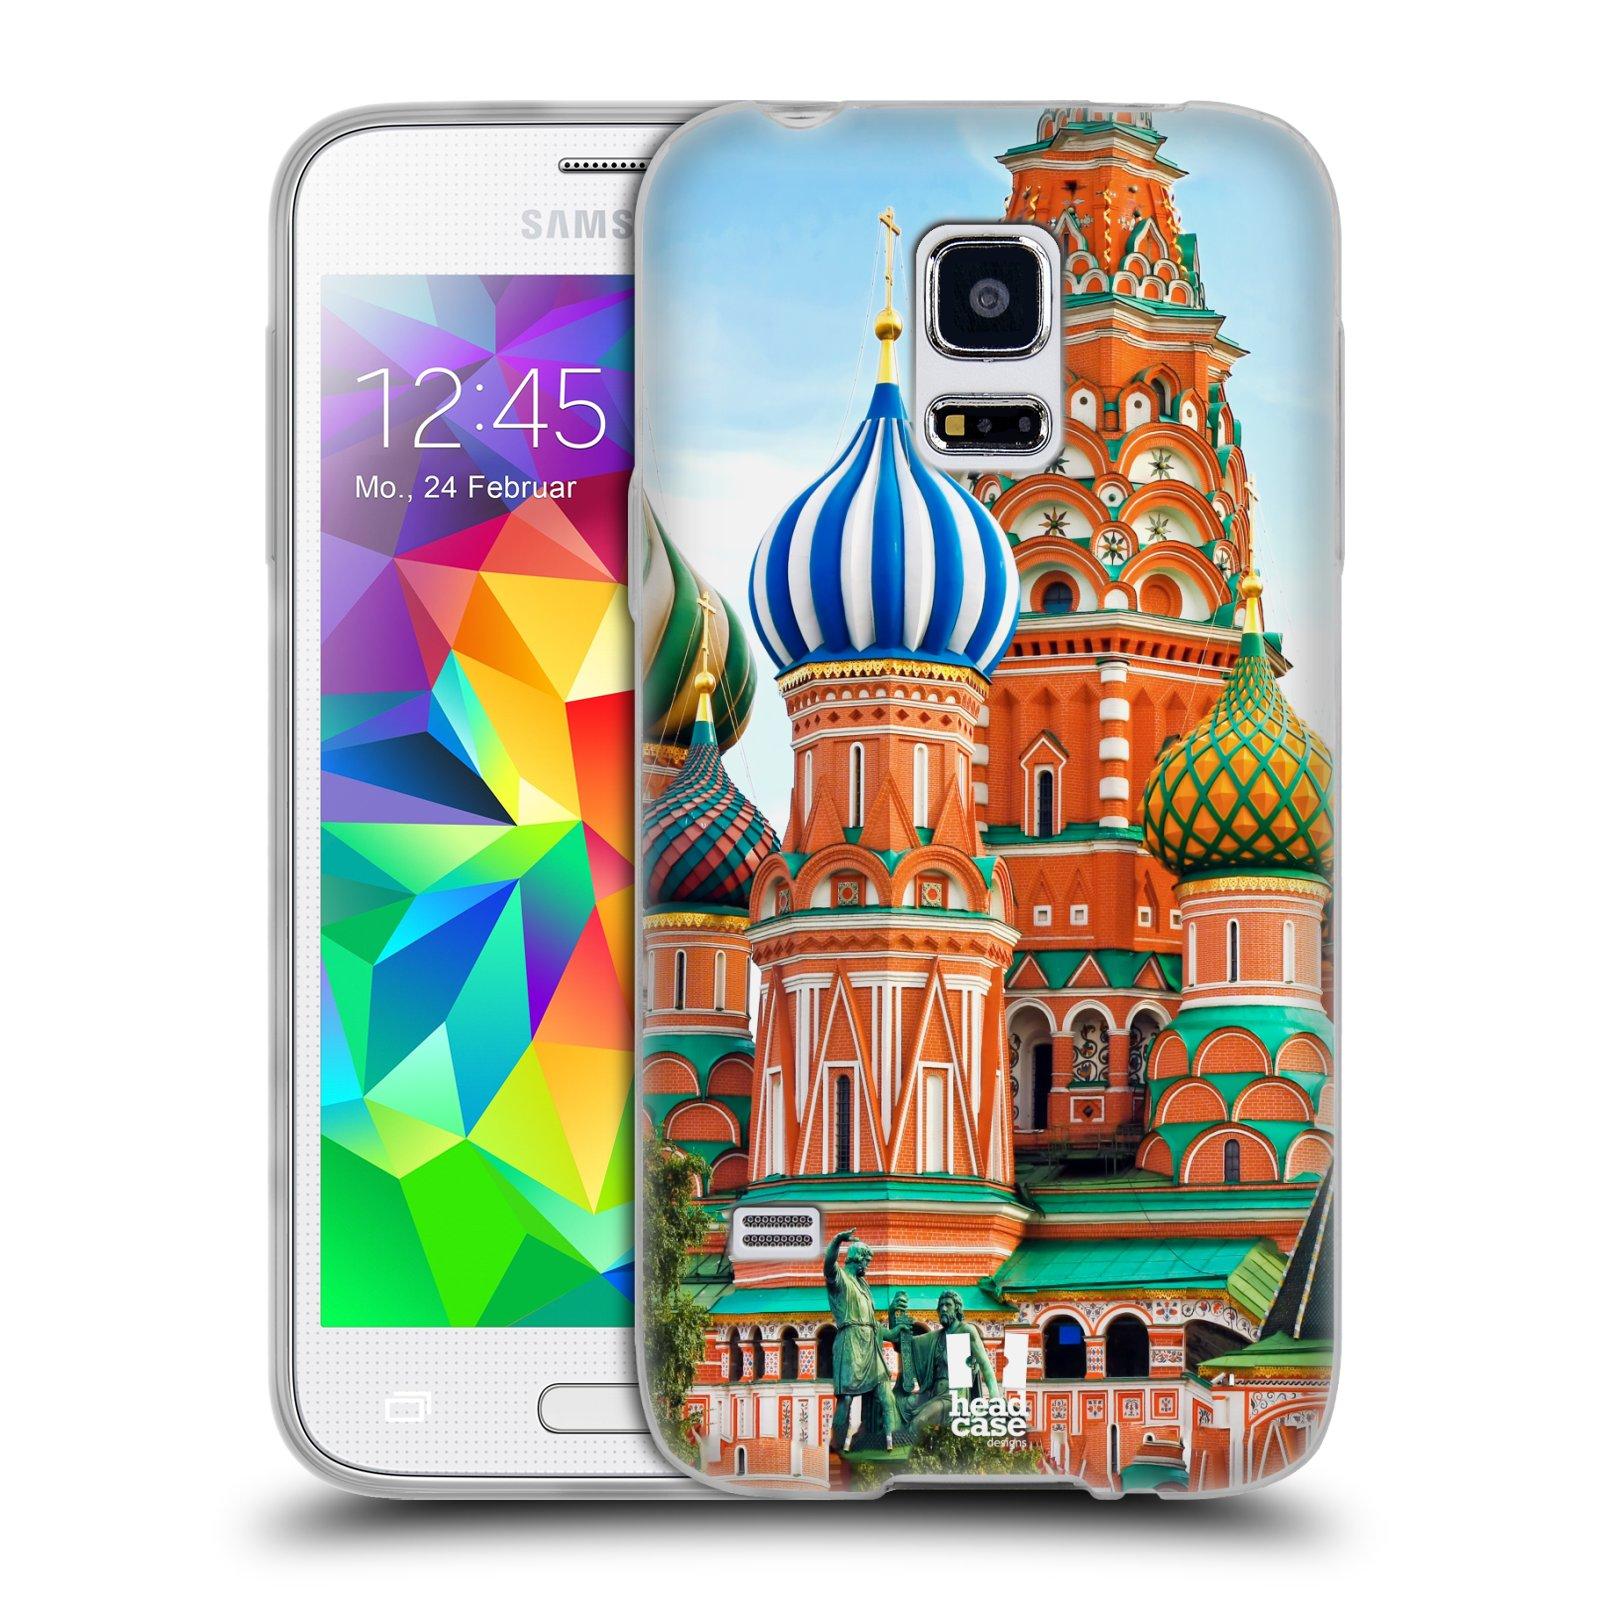 HEAD CASE silikonový obal na mobil Samsung Galaxy S5 MINI vzor Města foto náměstí RUSKO,MOSKVA, RUDÉ NÁMĚSTÍ